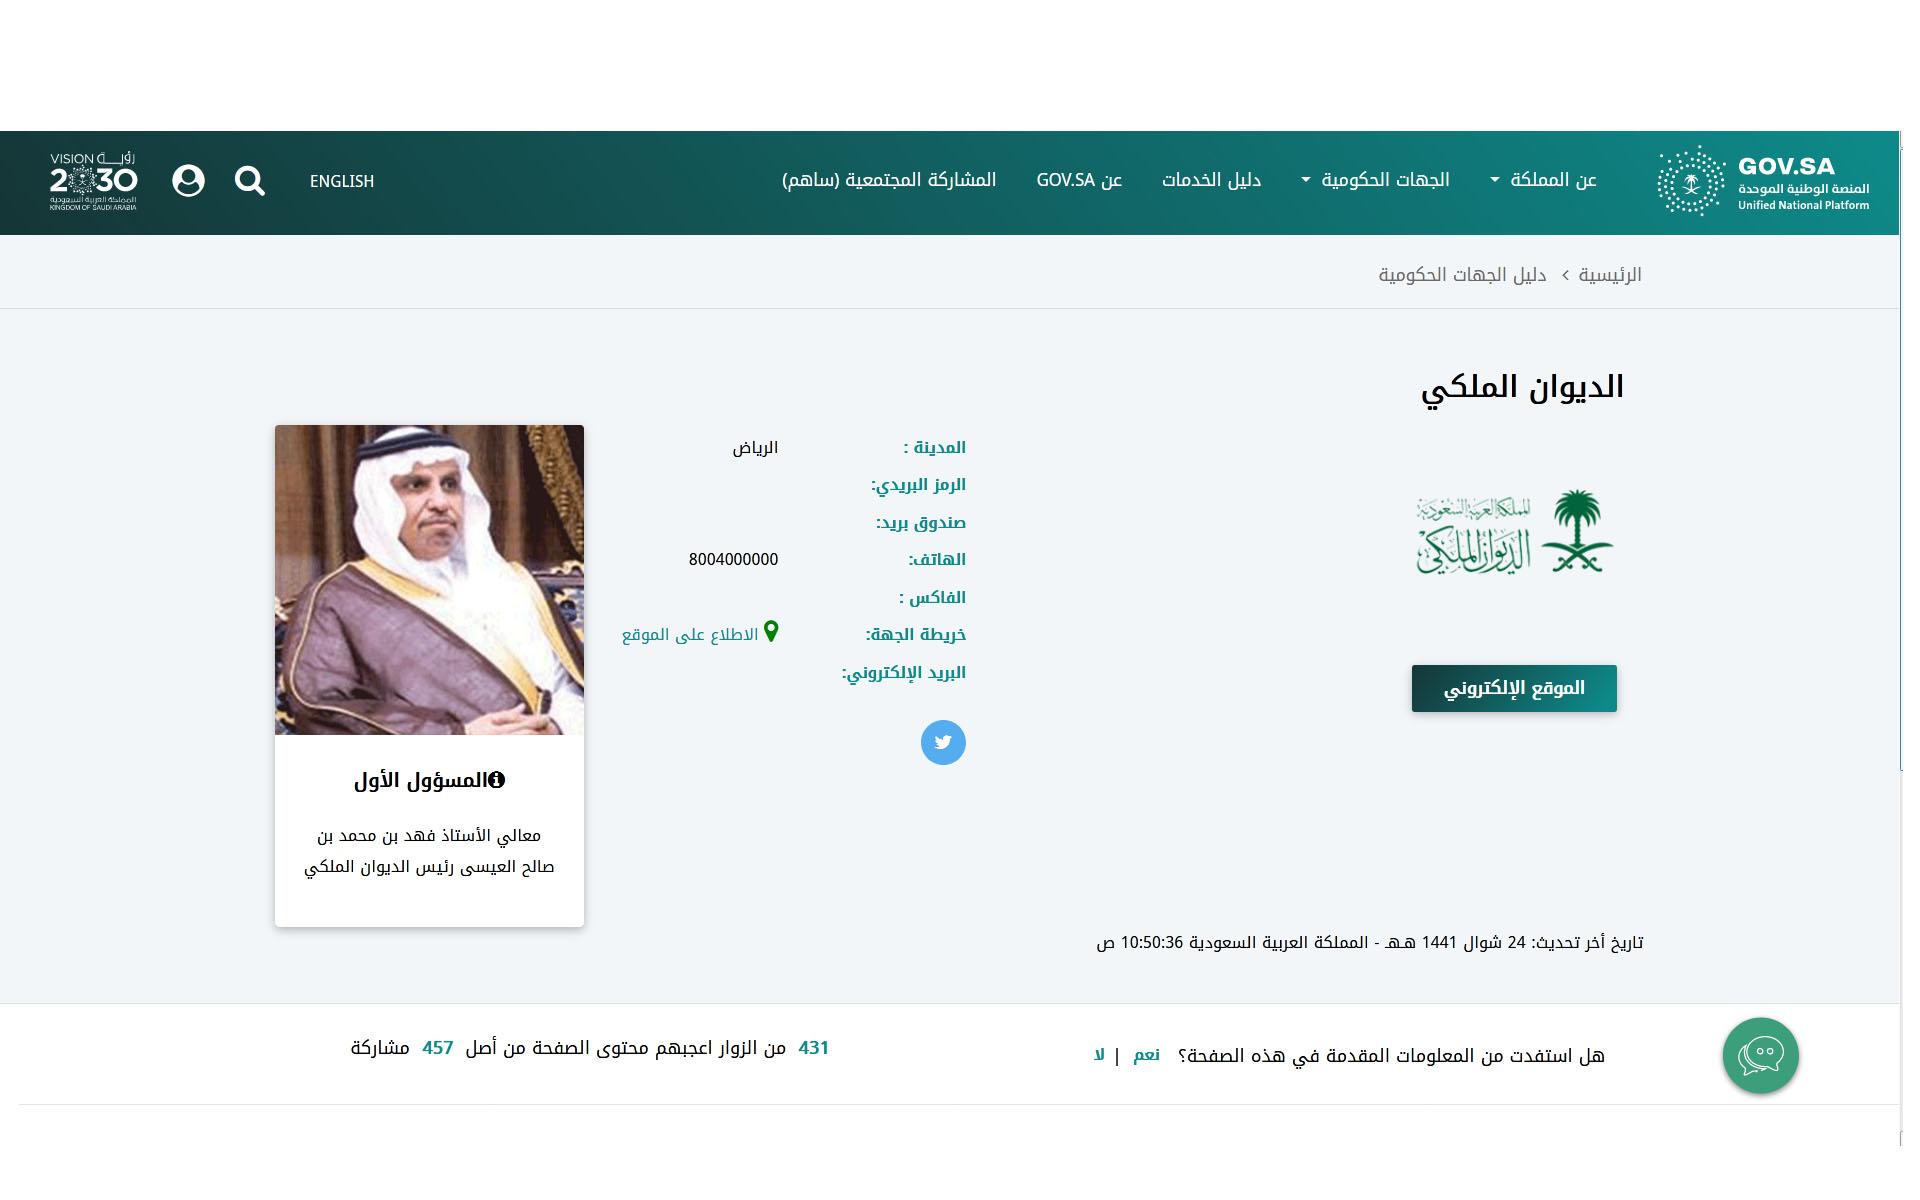 تقديم طلب مساعدات مالية وسداد قروض وديون وغيرها من الديوان الملكي بالسعودية ثقفني